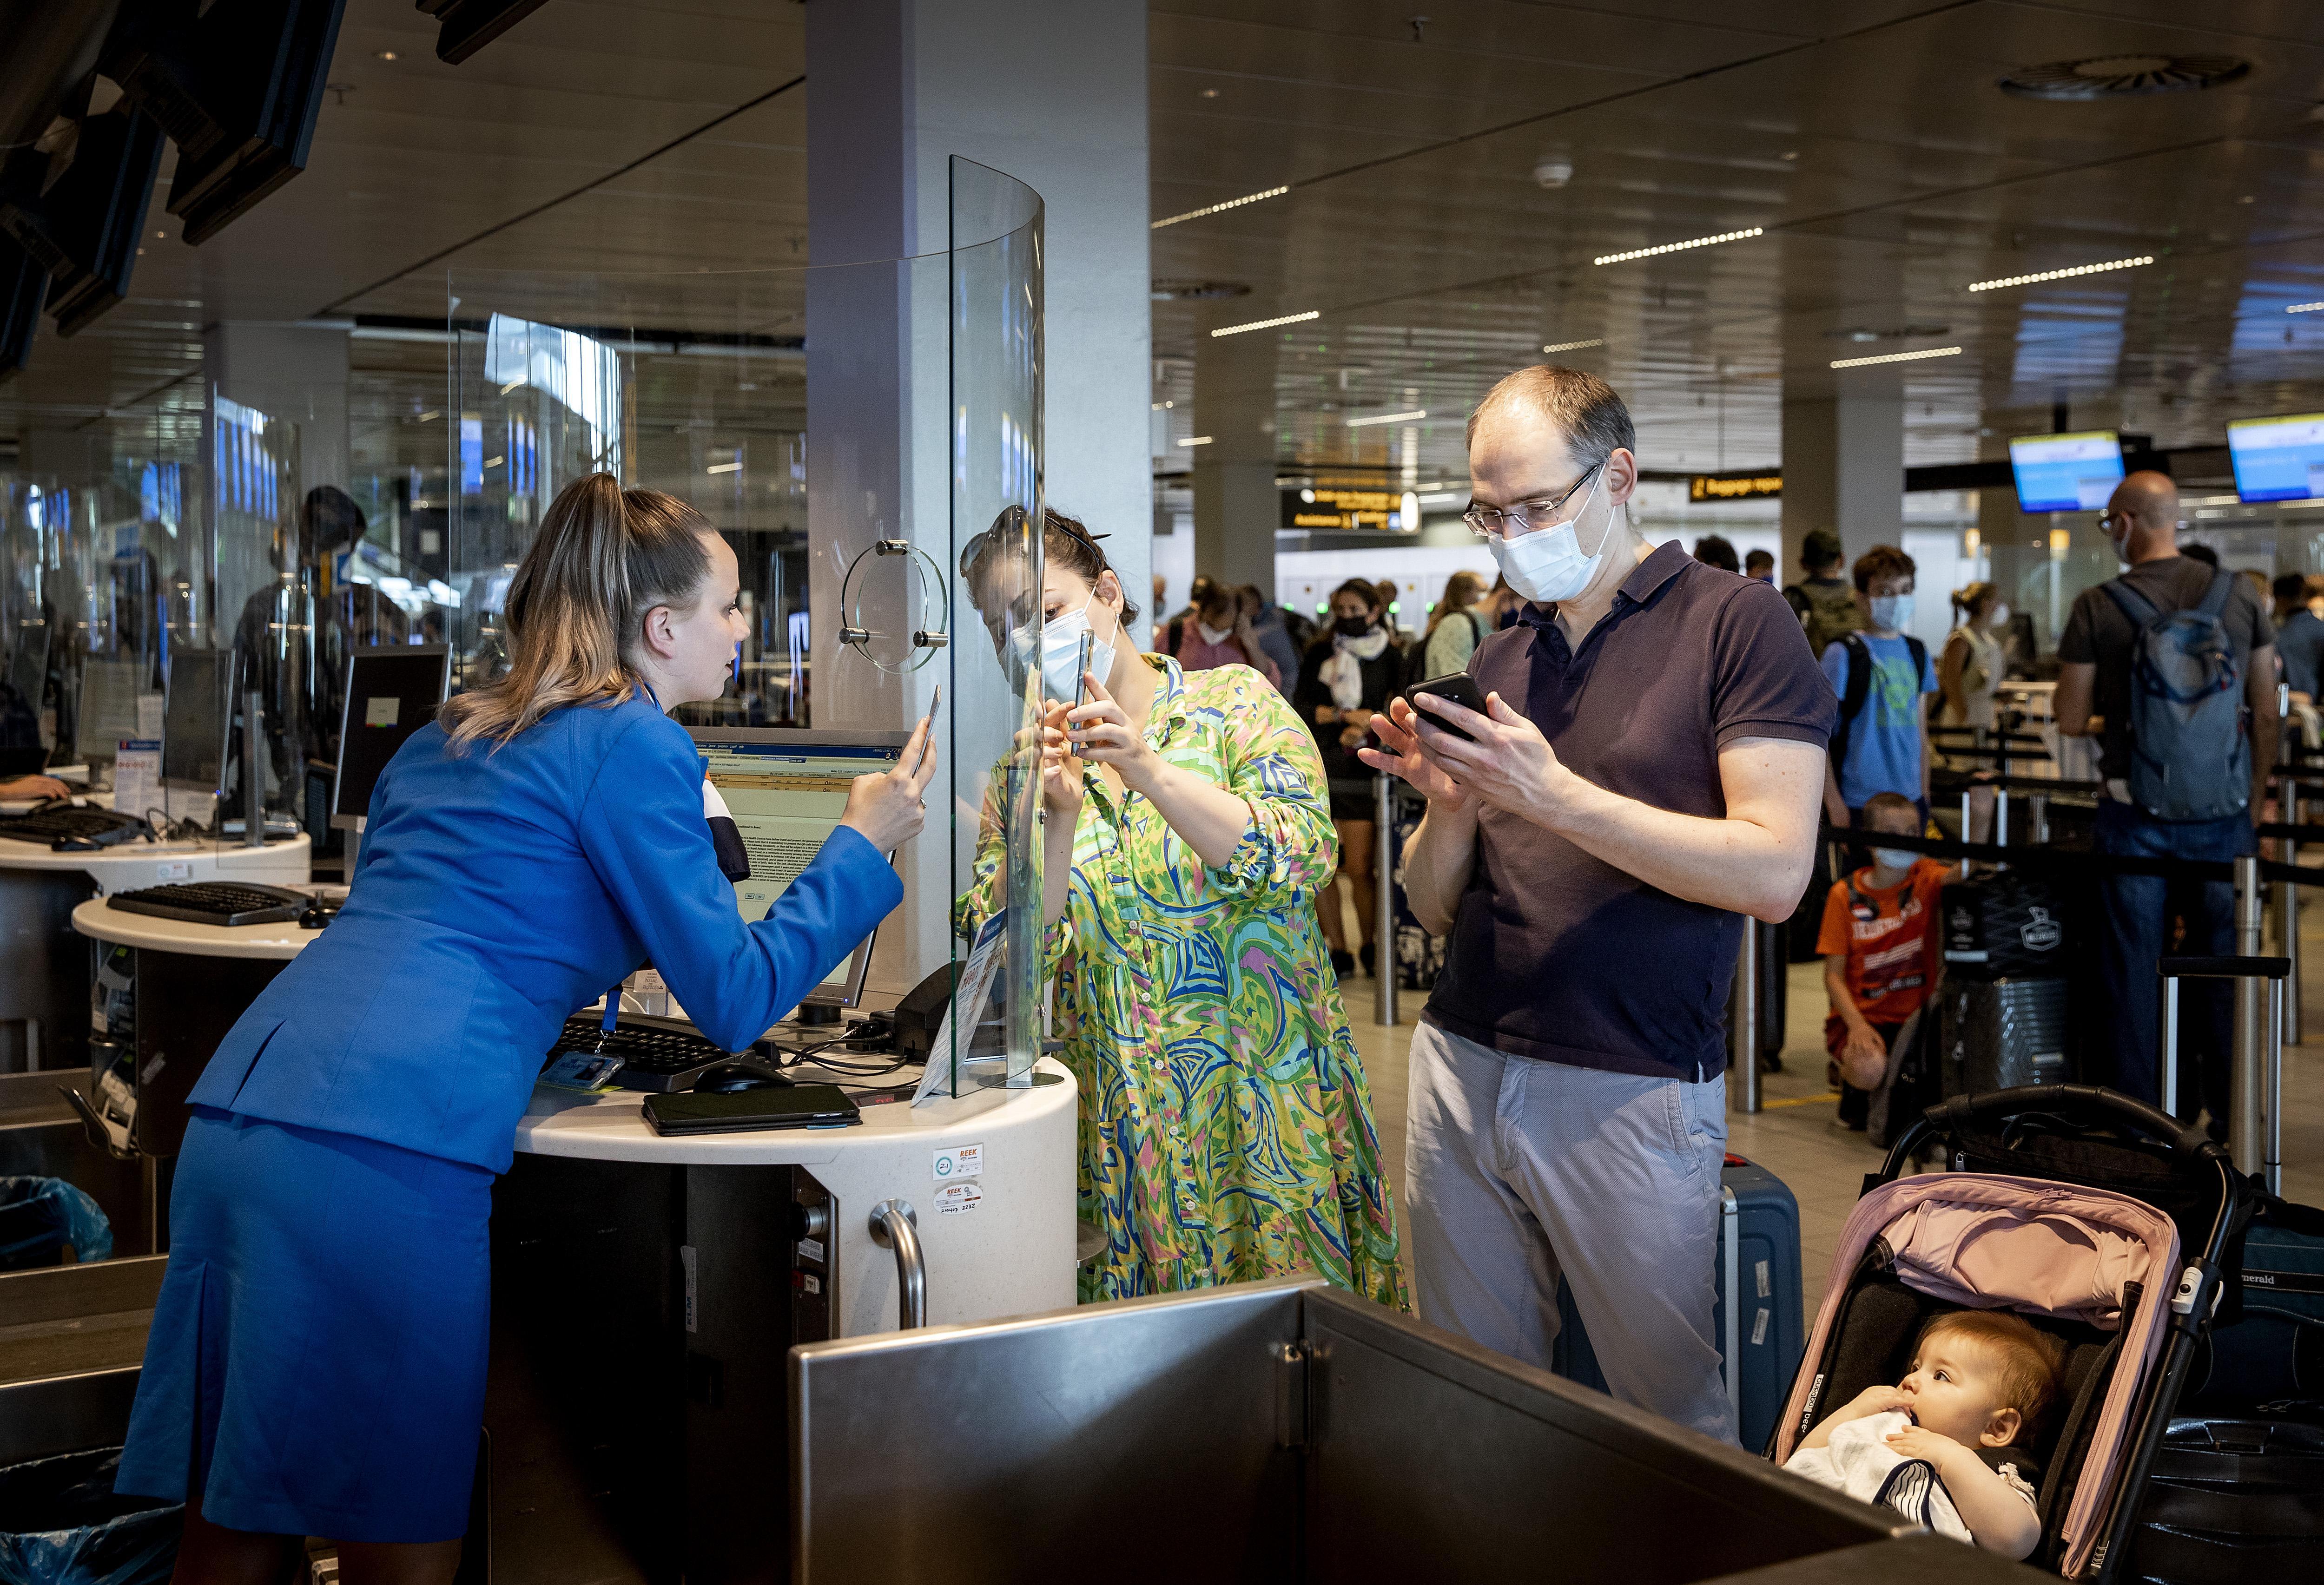 KLM is klaar voor zomerdrukte maar waarschuwt: zo makkelijk als de vorige vliegreis is het niet meer